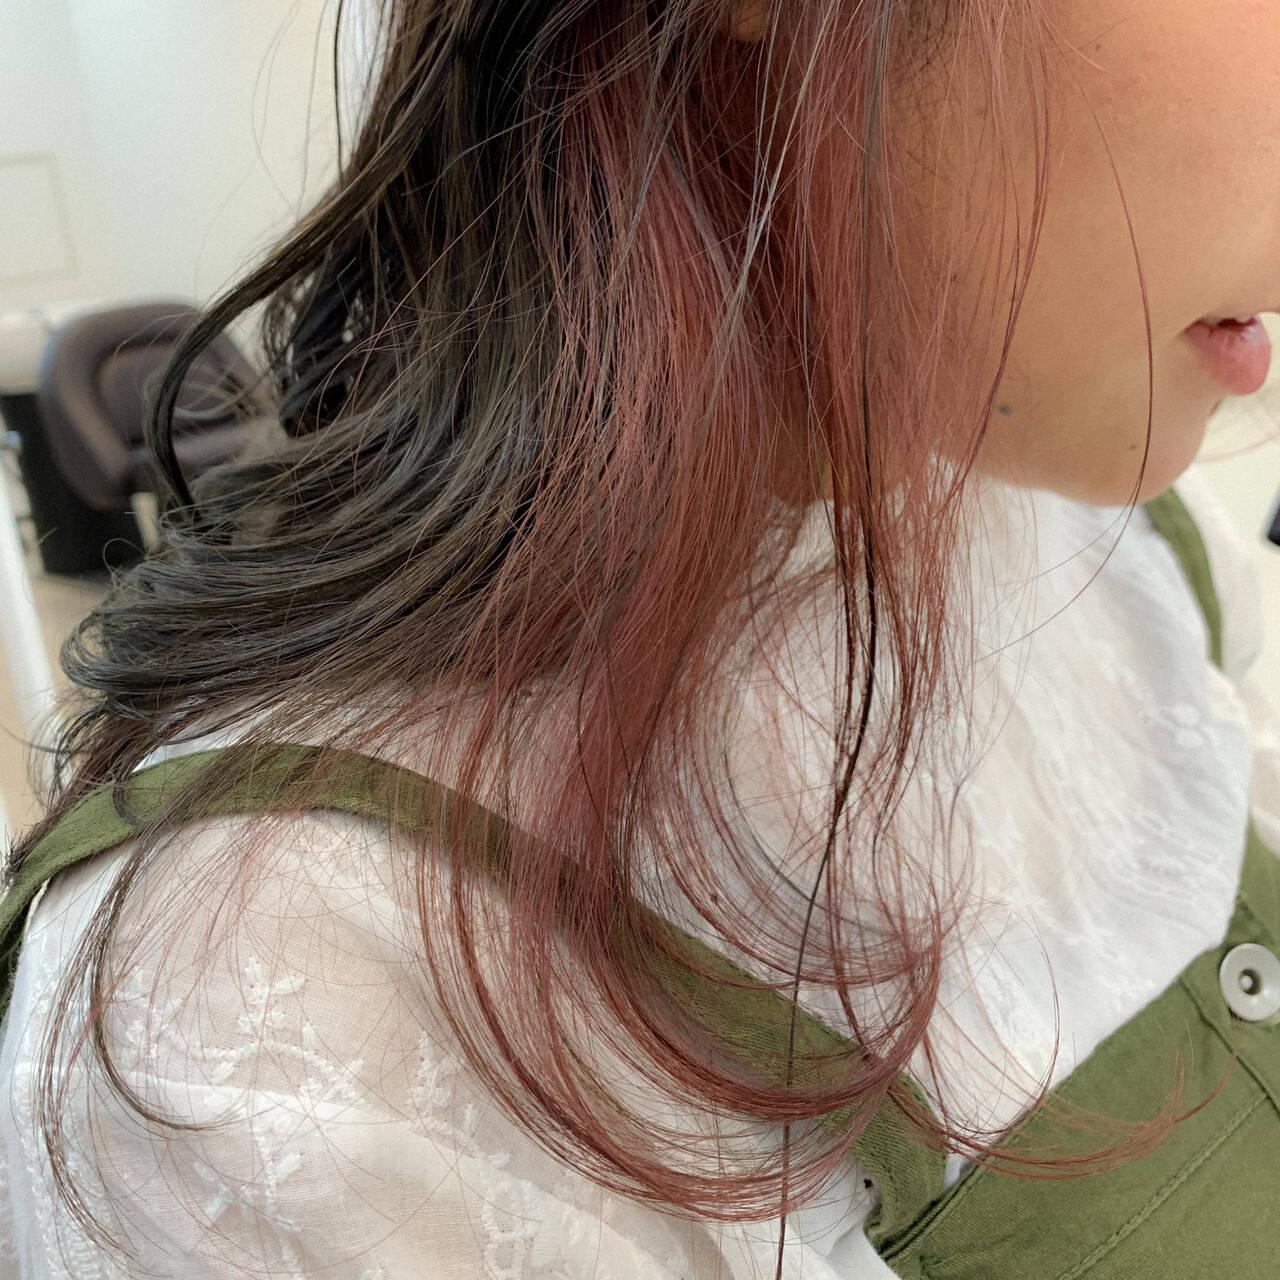 セミロング 透明感 インナーカラー アンニュイヘアスタイルや髪型の写真・画像